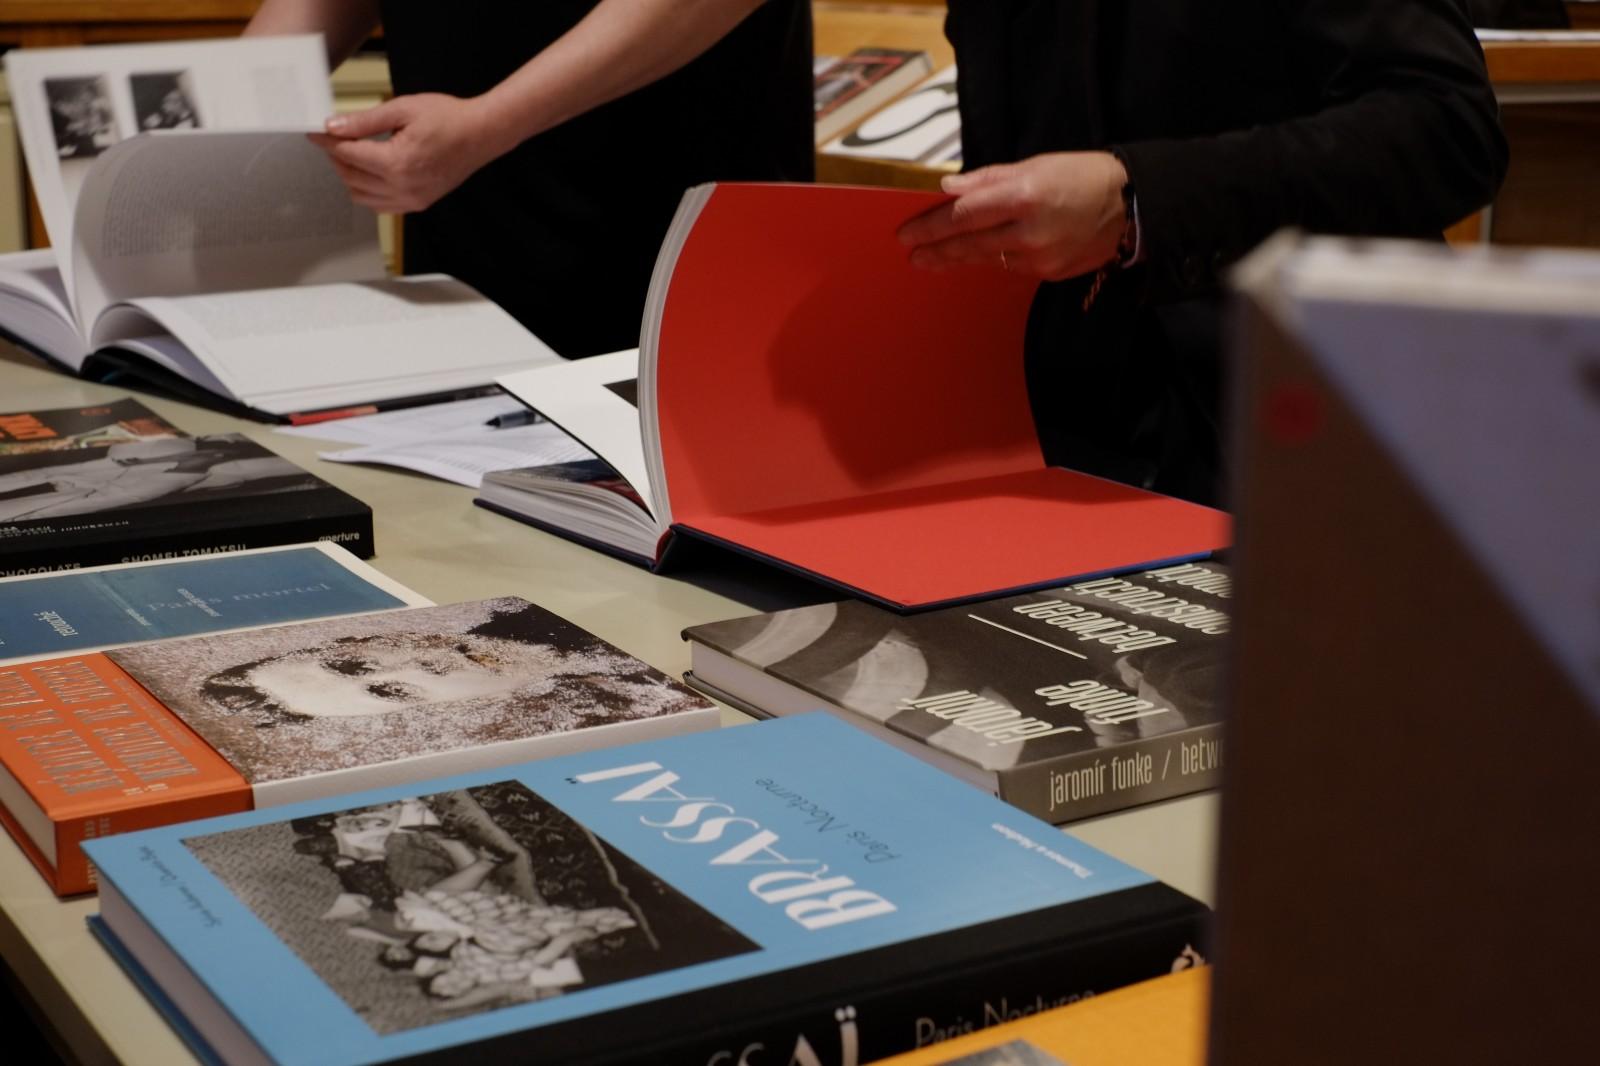 L'actualité au coeur du festival de photographie d'Arles